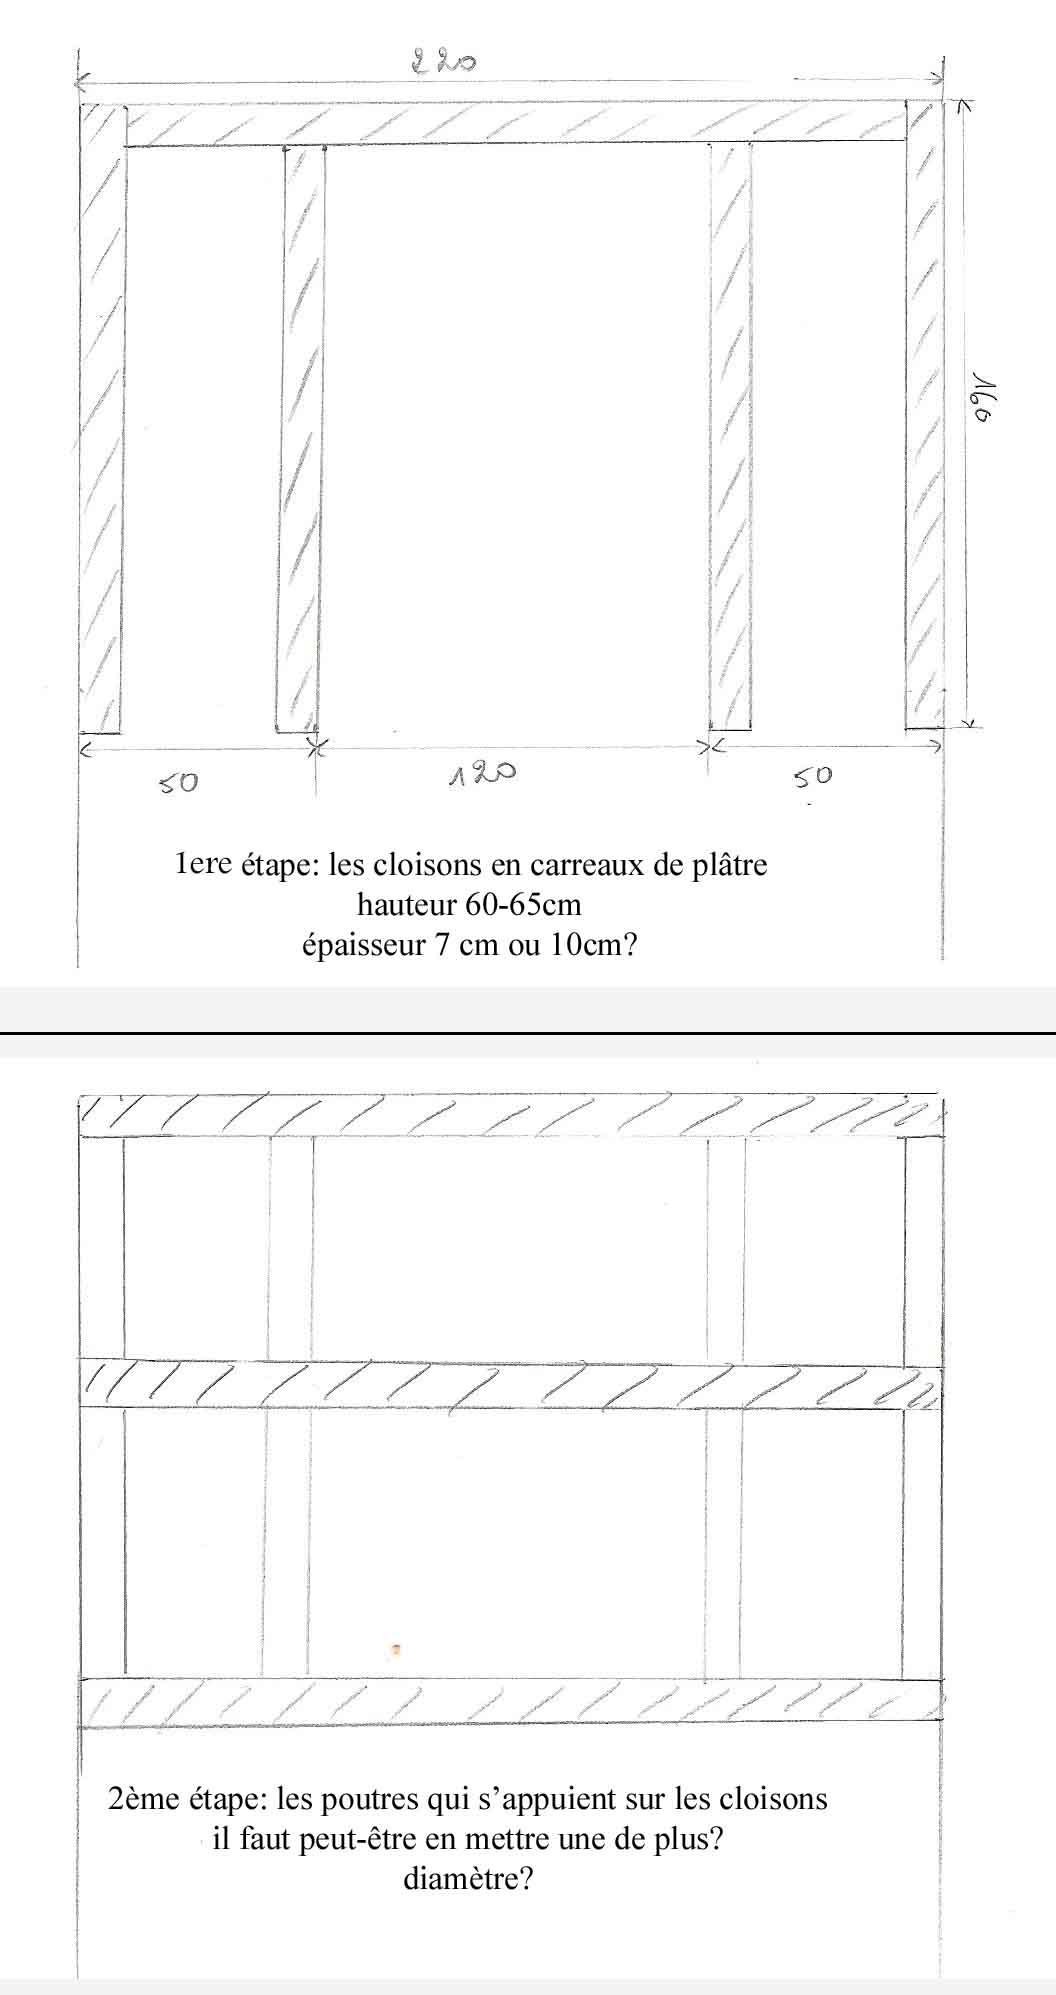 incroyable epaisseur carreau de platre renaa conception. Black Bedroom Furniture Sets. Home Design Ideas